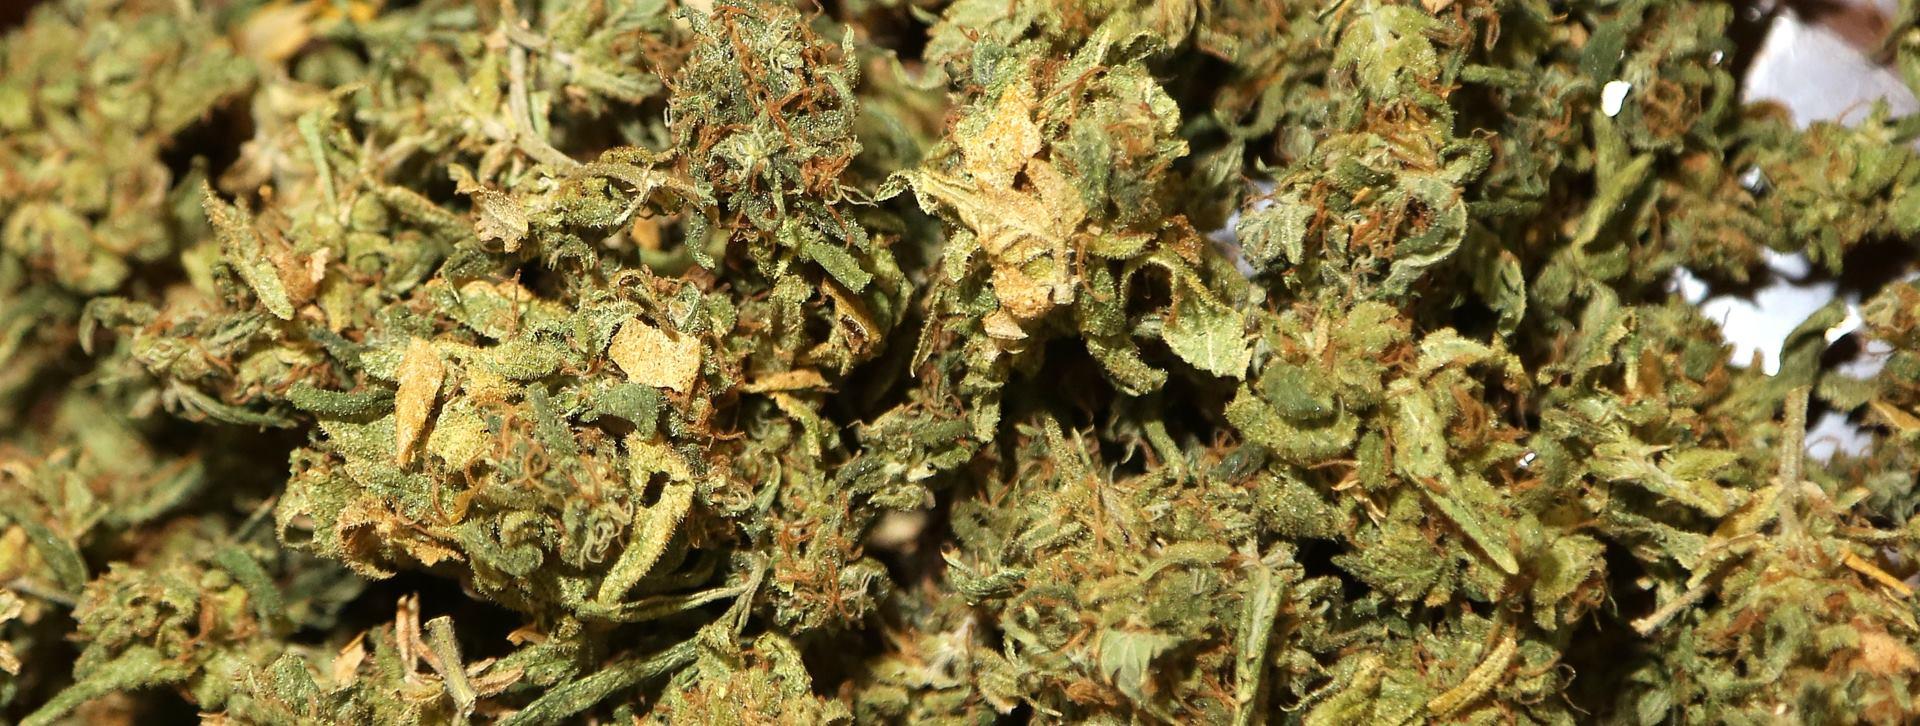 NAJNOVIJE ISTRAŽIVANJE Oko 44 posto Amerikanaca probalo marihuanu